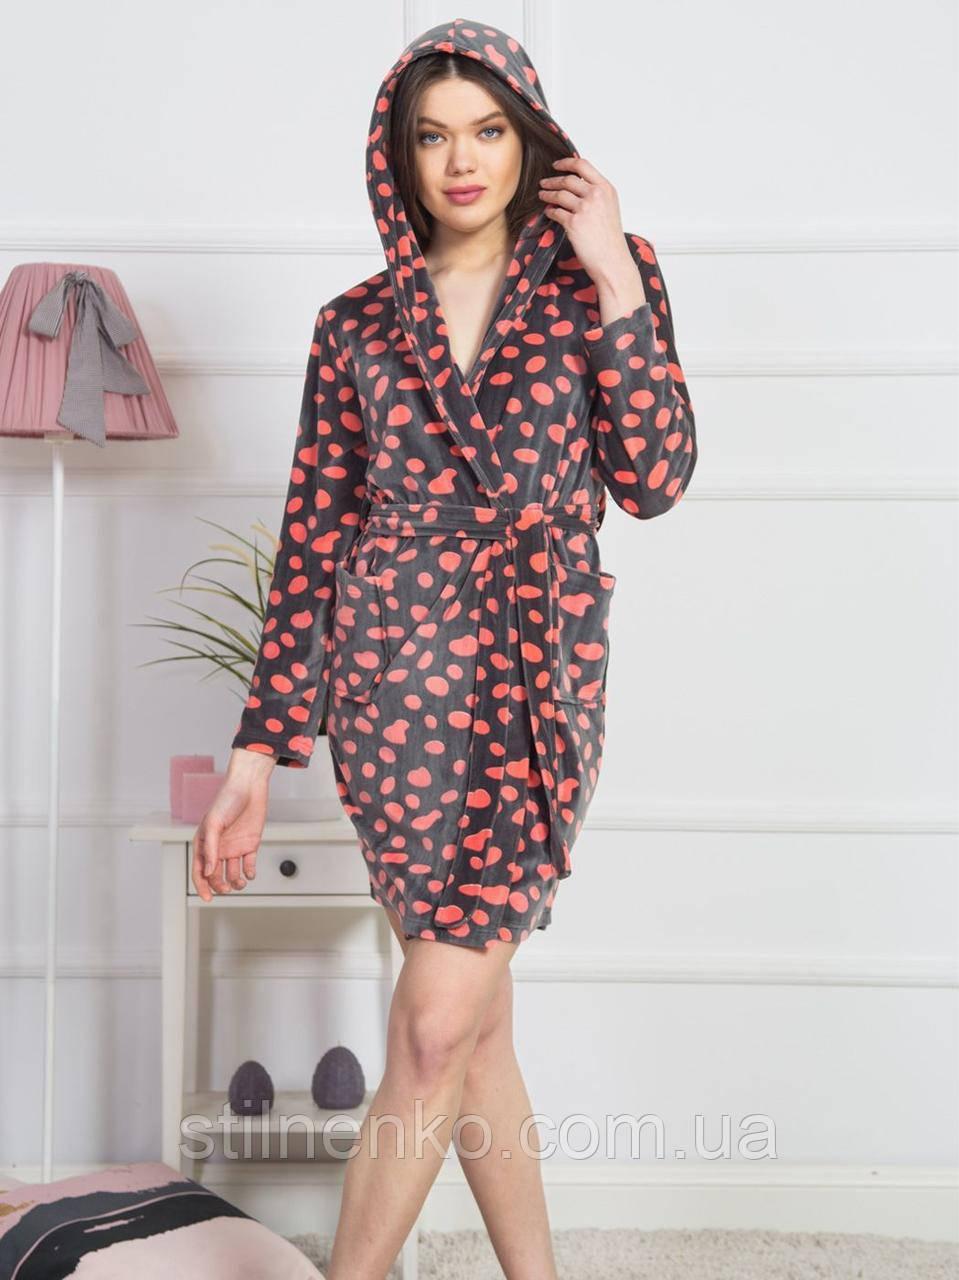 Женский халат  с капюшоном на запах в горох